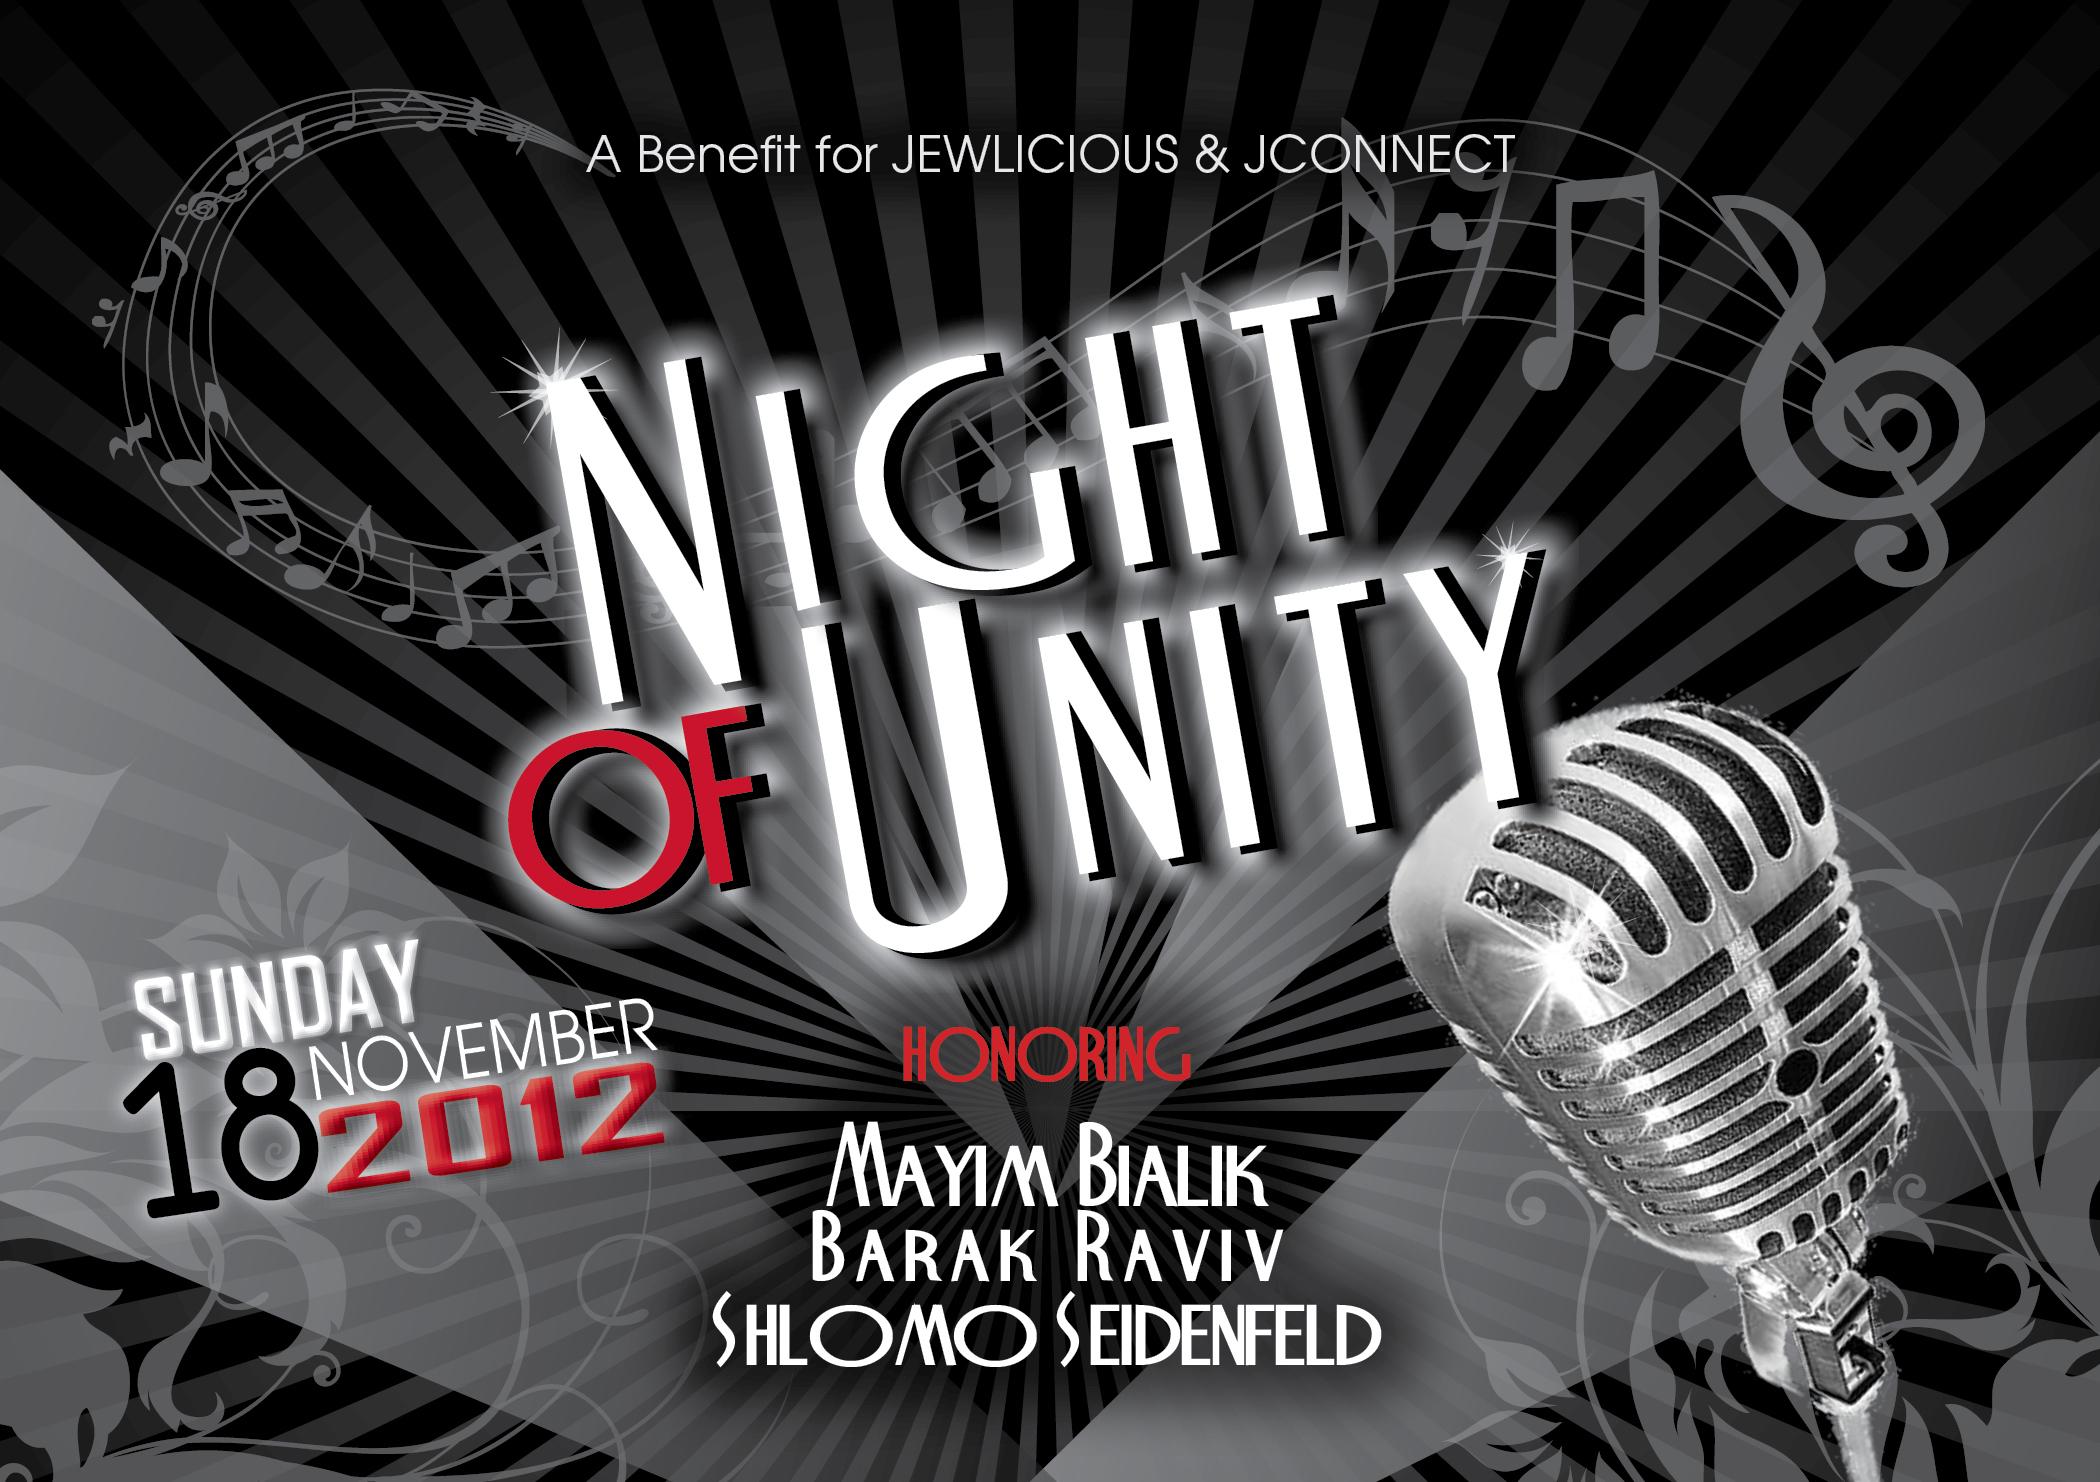 NightofUnity(Horz)INVITE